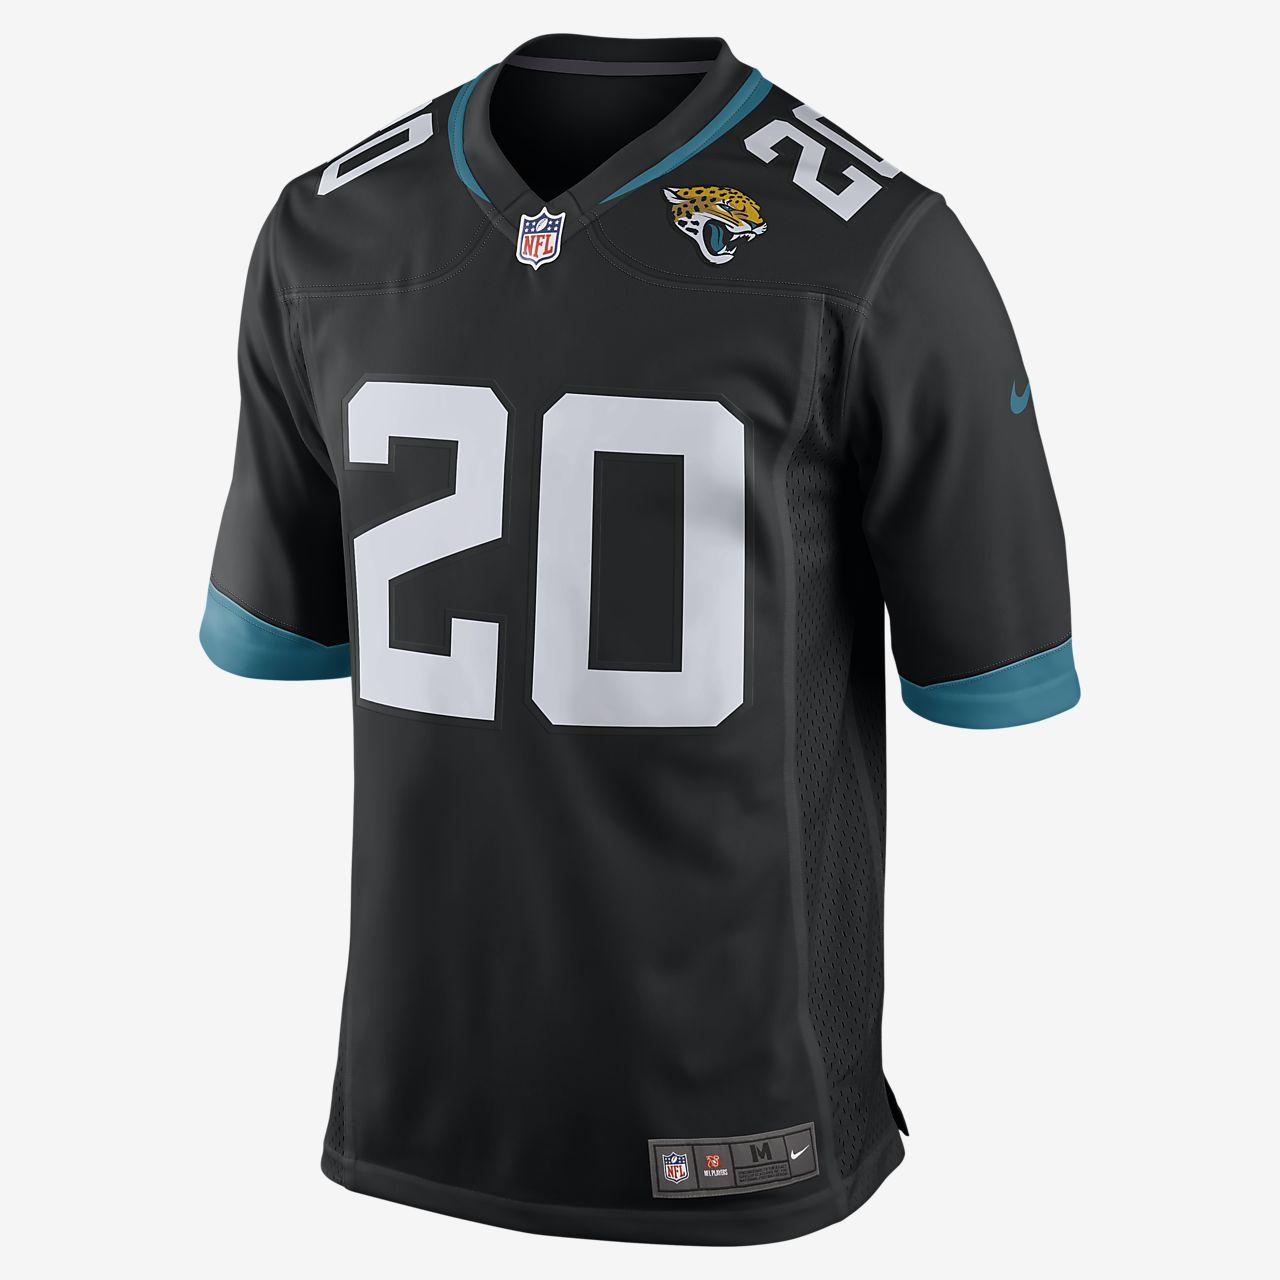 NFL Jacksonville Jaguars Game (Jalen Ramsey) Men's American Football Jersey